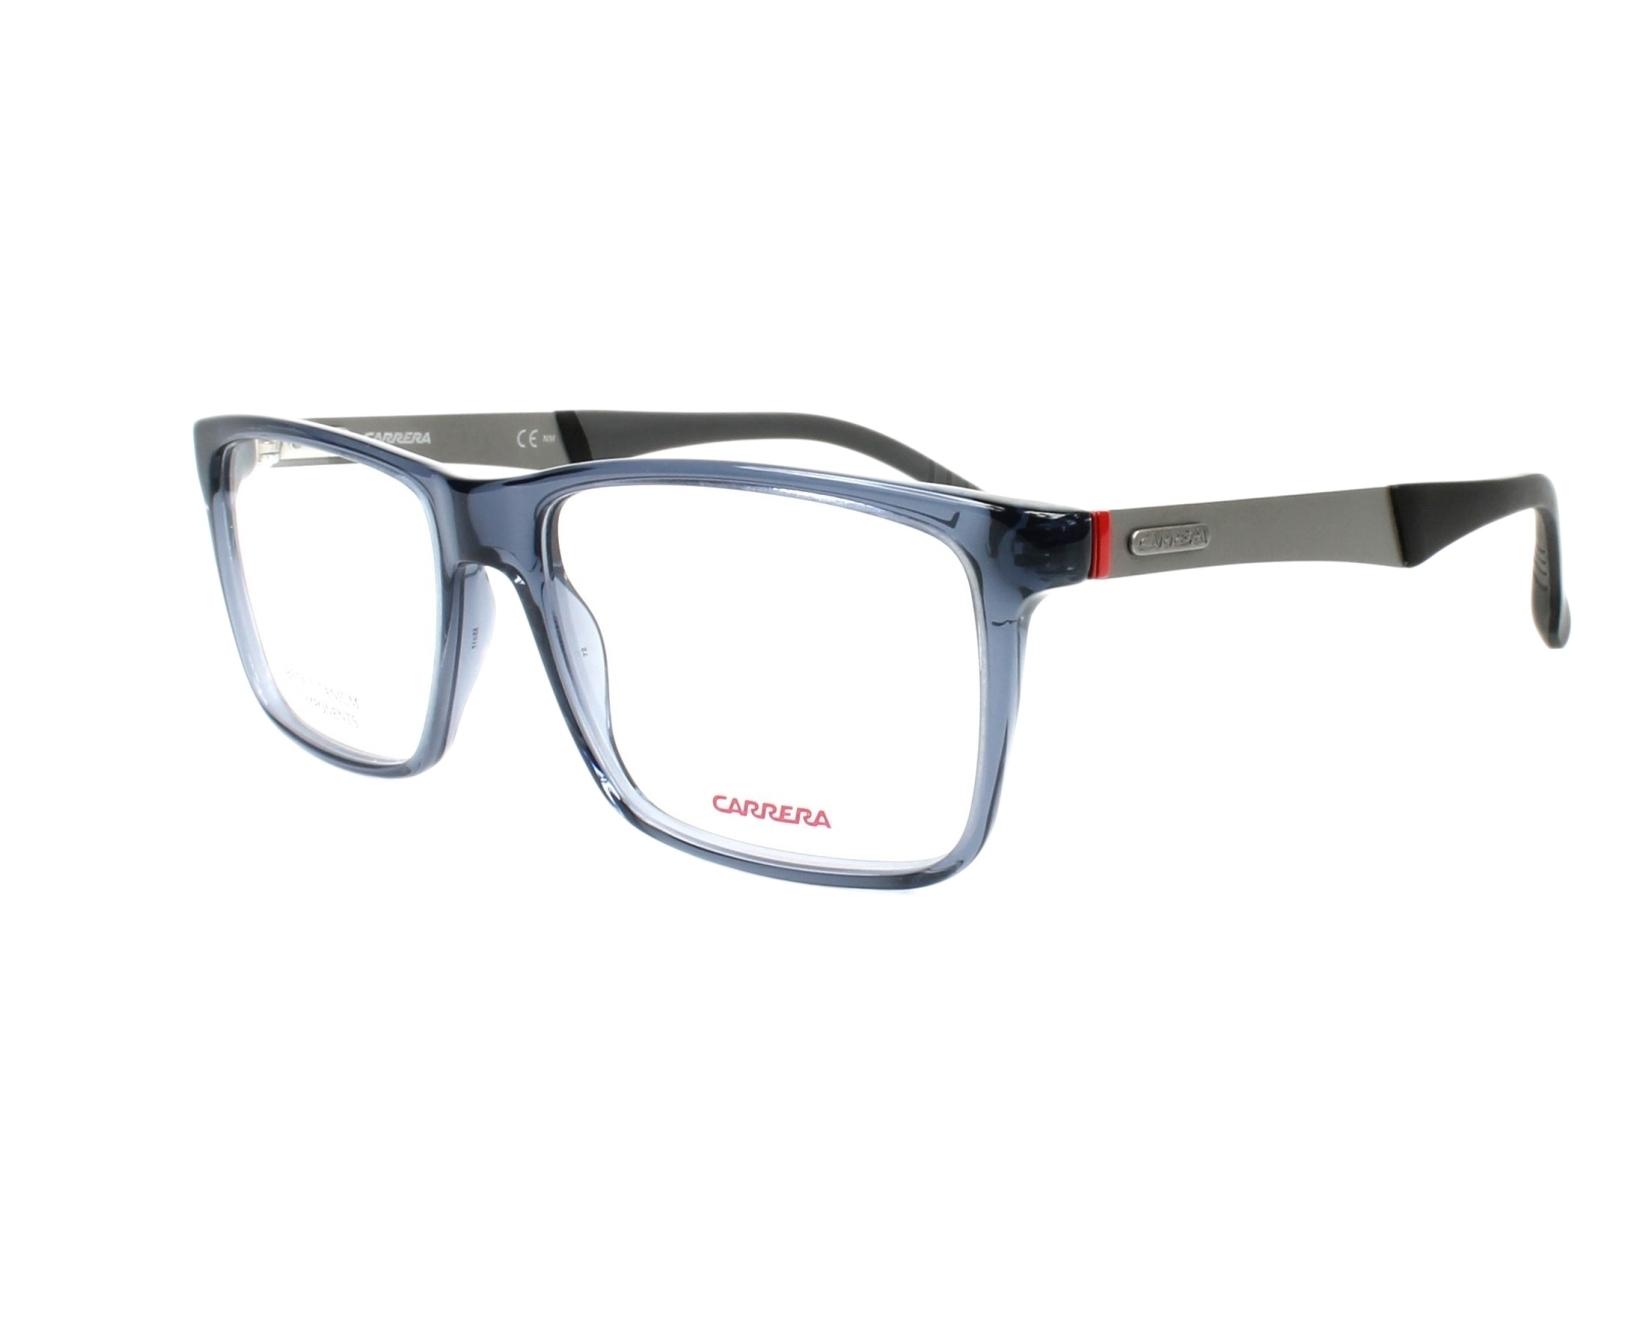 8775fdf3e5 Gafas Graduadas Carrera 8825-V PJP 55-17 Azul Gris vista de perfil